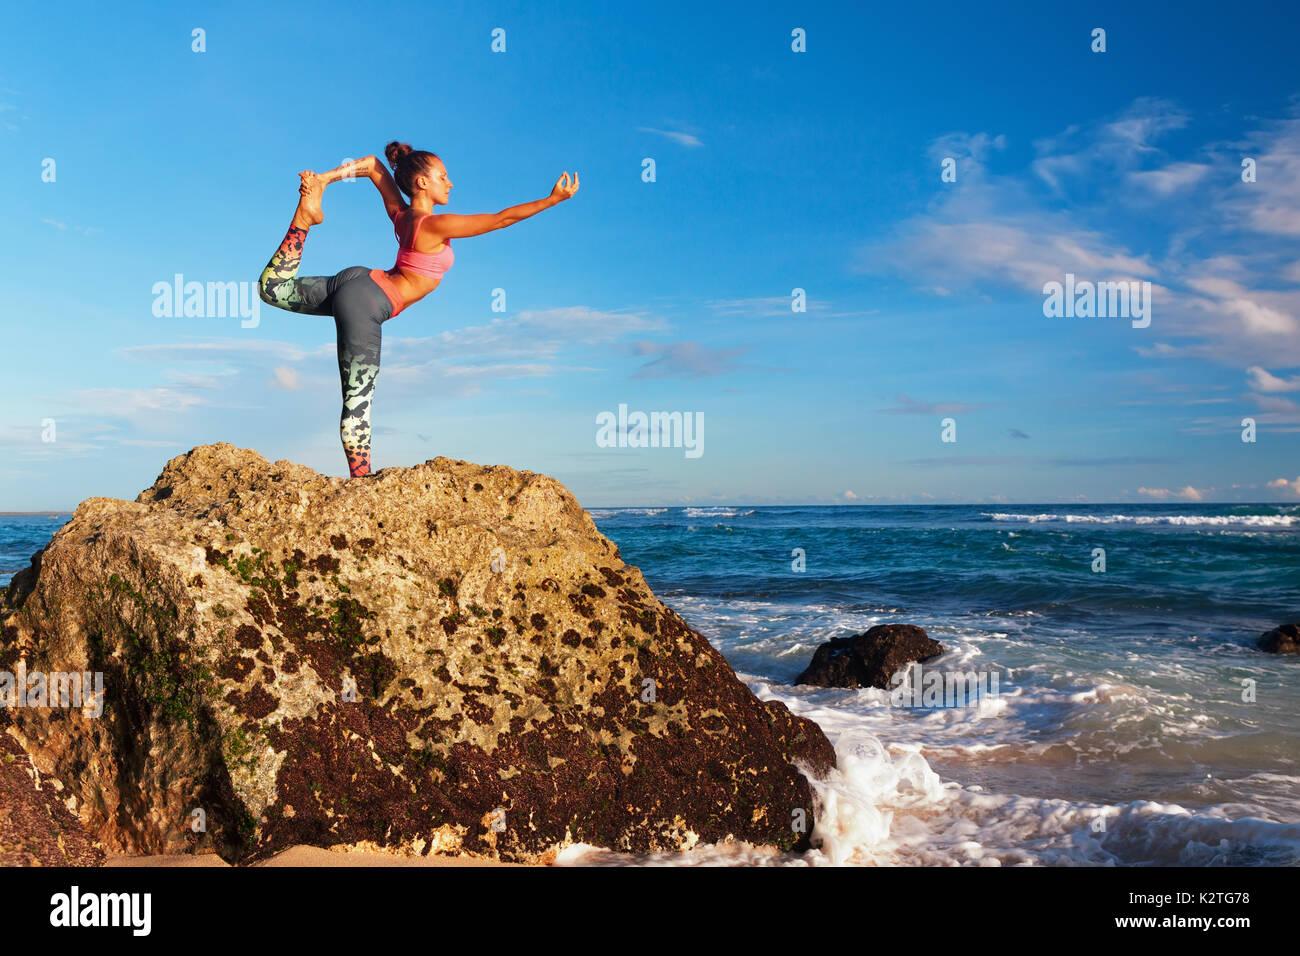 Meditation über Sonnenuntergang Himmel Hintergrund. Junge aktive Frau stand in Yoga pose am Strand Rock passen und Gesundheit zu halten. Gesunder Lebensstil, Fitness im Freien. Stockbild